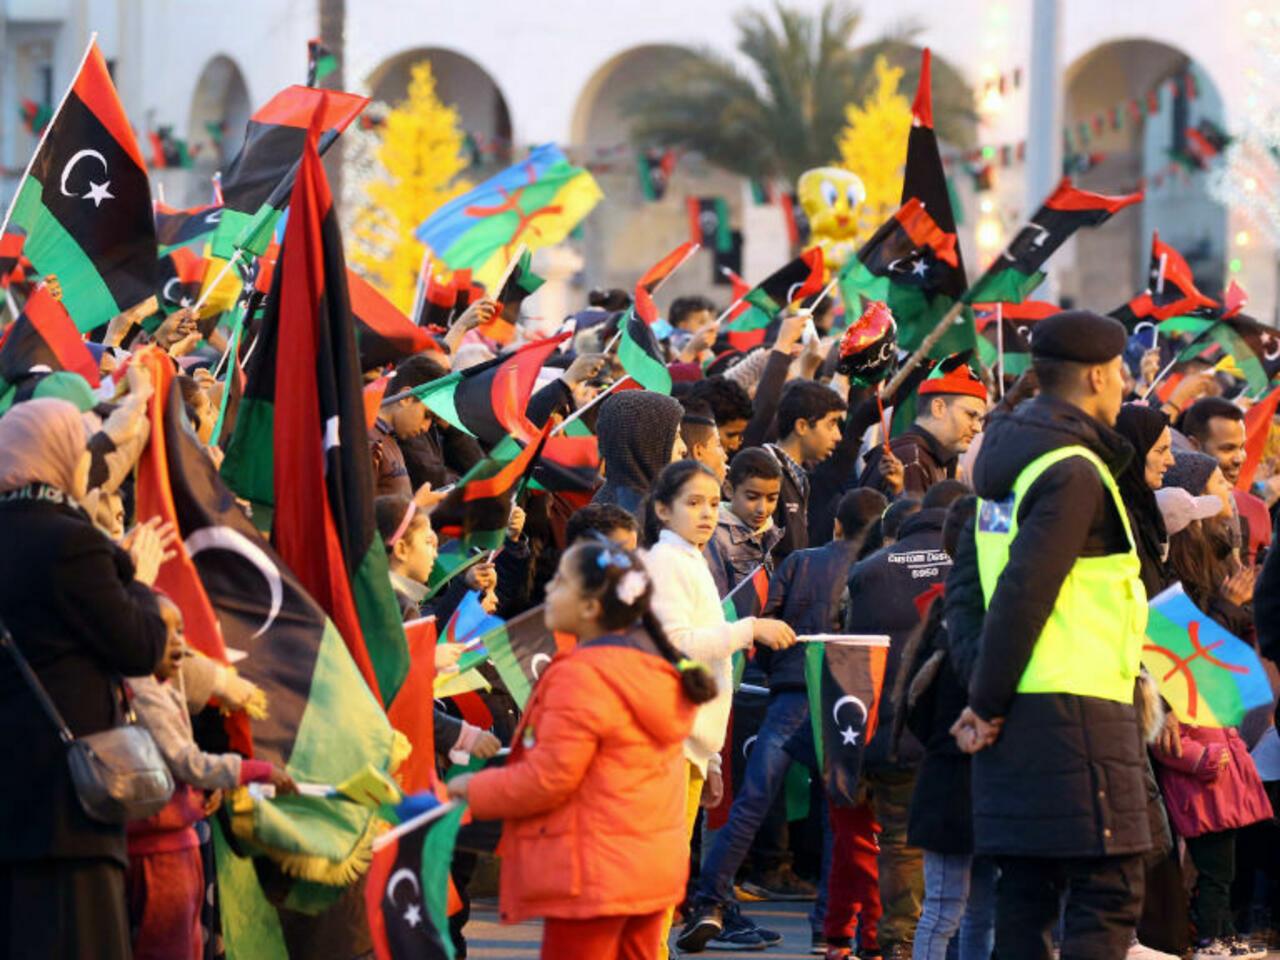 حكومة الوحدة الوطنية في ليبيا تستند لترسانة قوانين القذافي القمعية في تقييد المجتمع المدني ومصادرة دوره في العملية الانتخابية